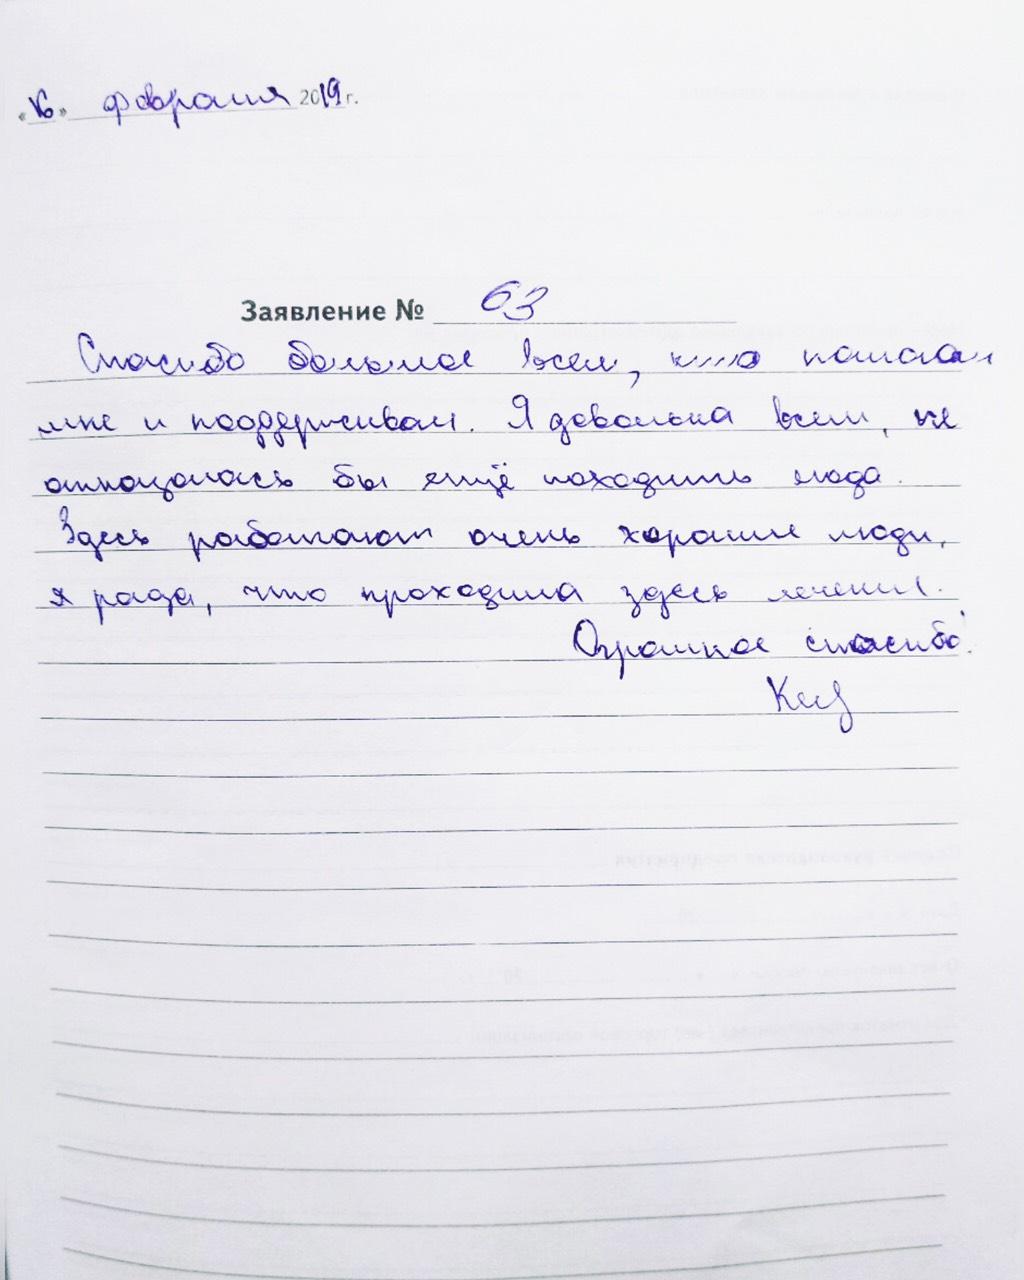 <em>Редактировать Отзыв</em> София. Стоматология Фларт